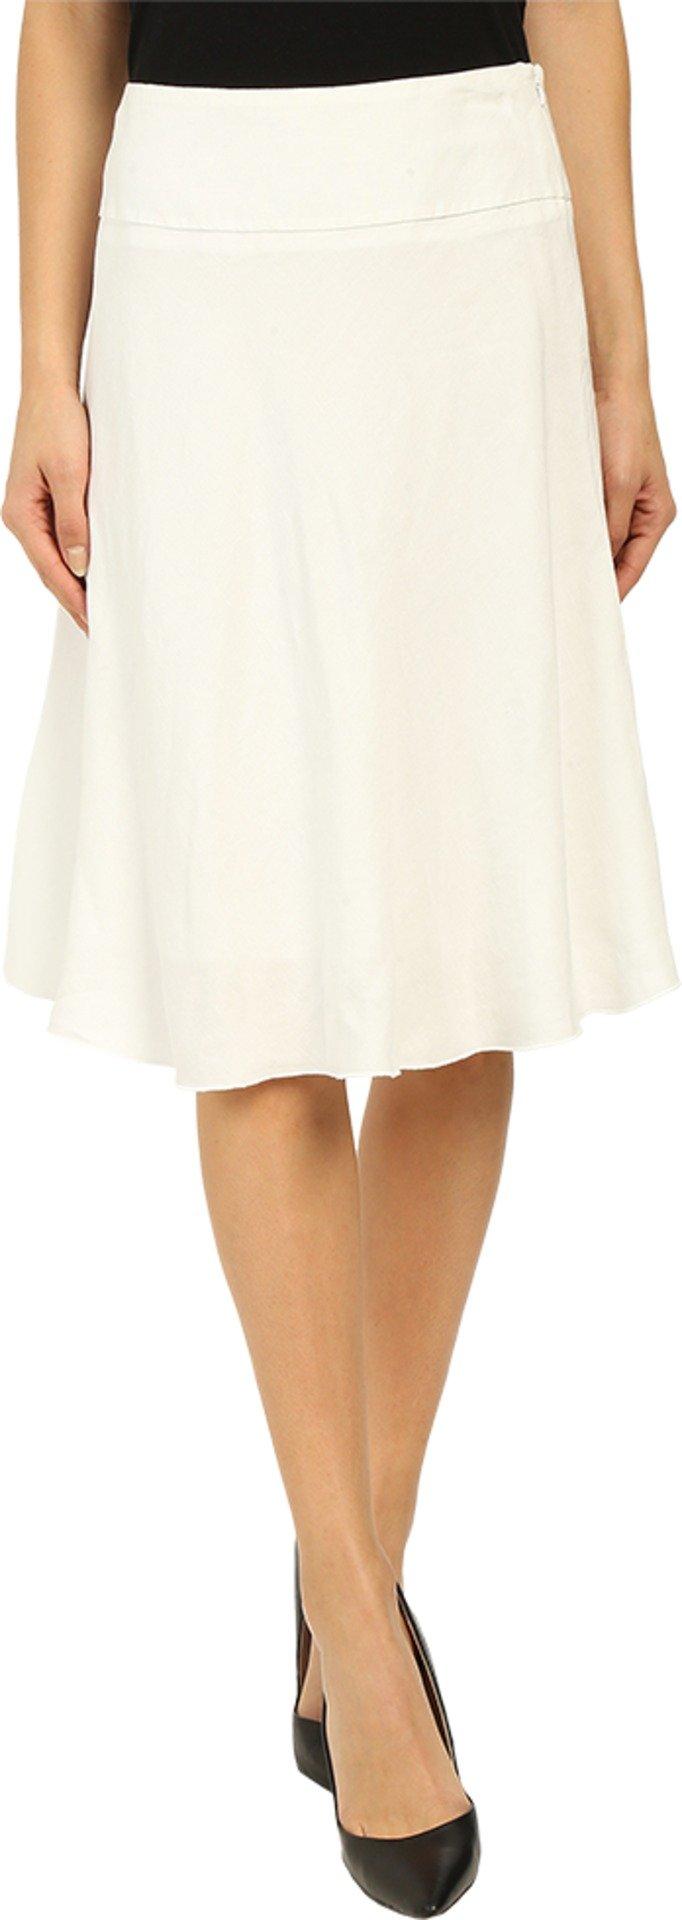 NIC+ZOE Women's Summer Fling Skirt Paper White Skirt 6